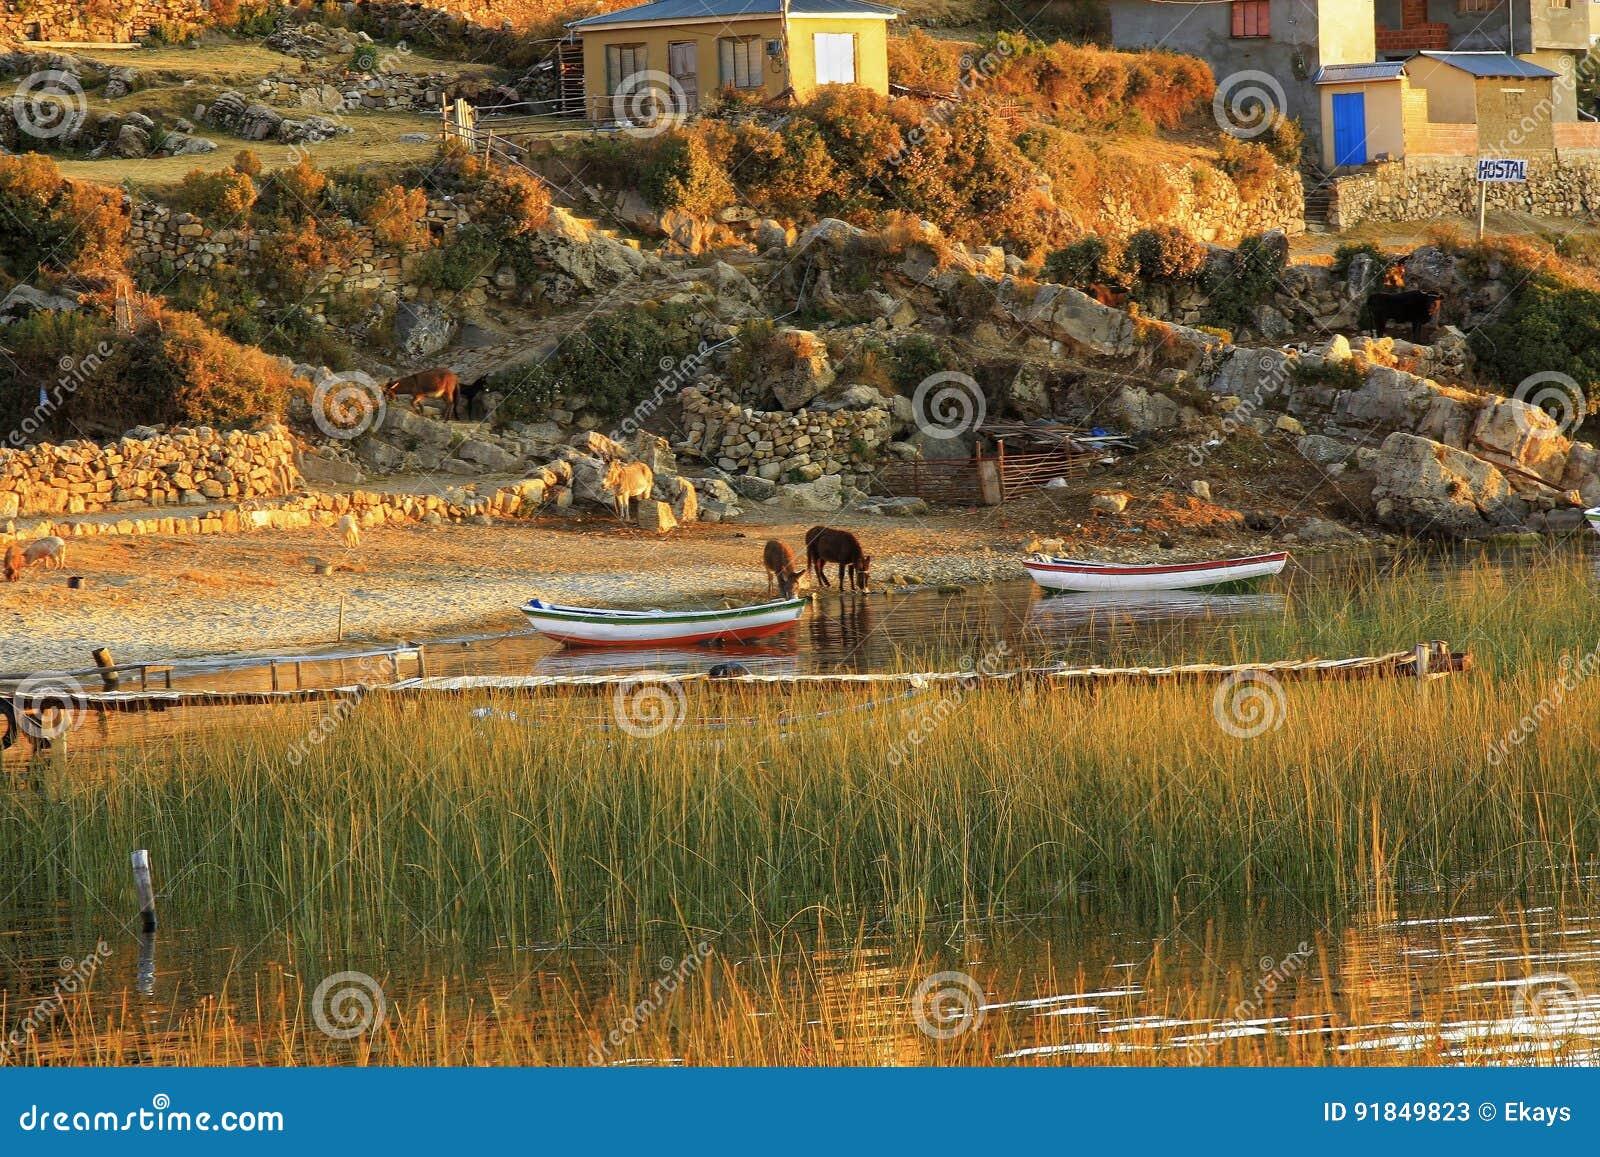 Isla del Sol в Боливии Южной Америке